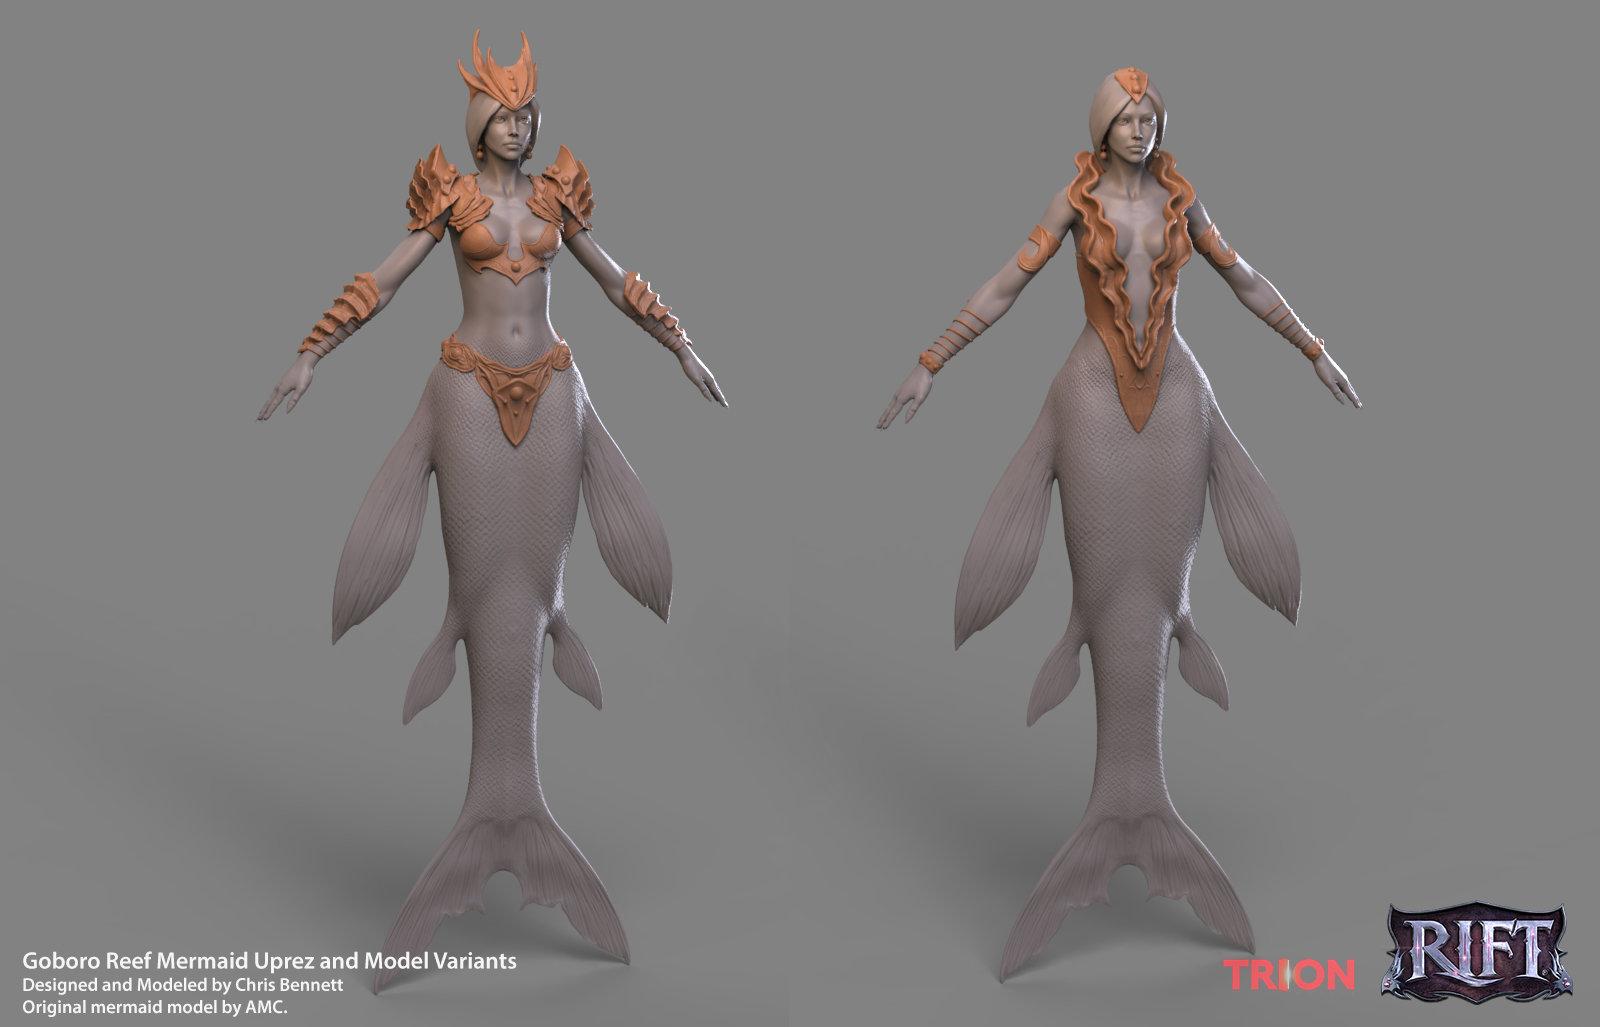 Chris bennett chrisbennett mermaid sculpt